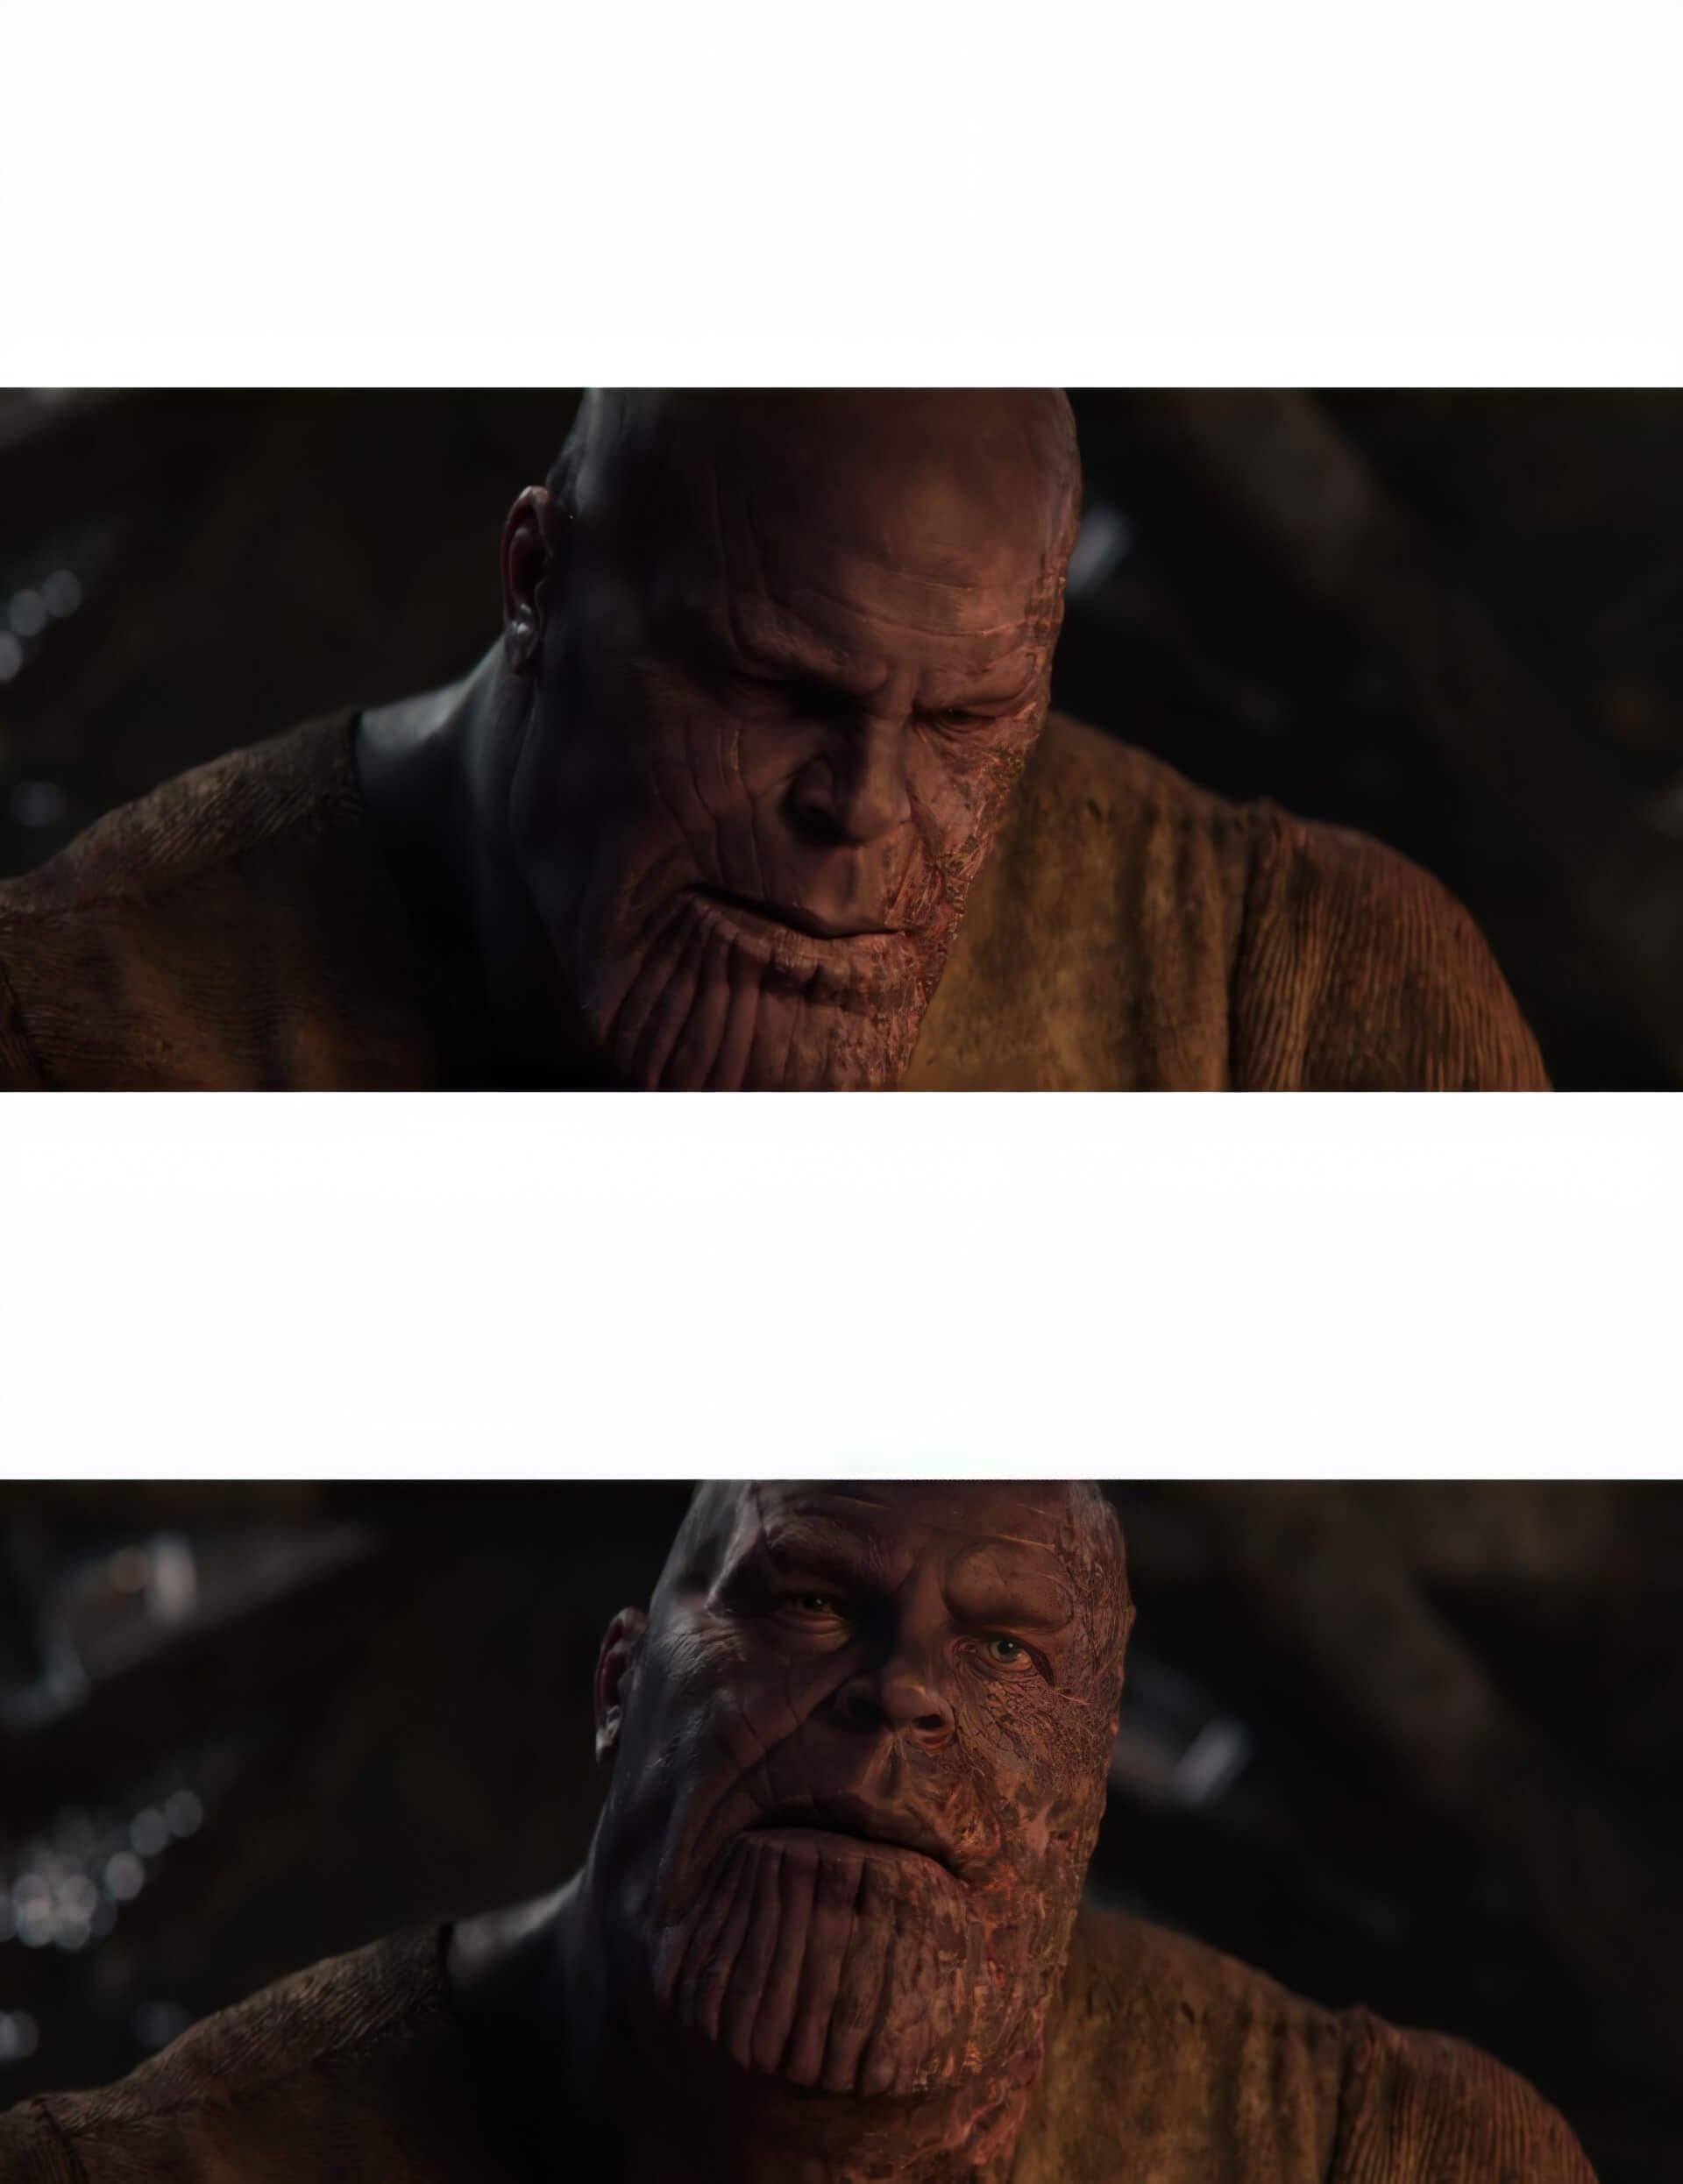 Plantilla de Thanos levanta la mirada